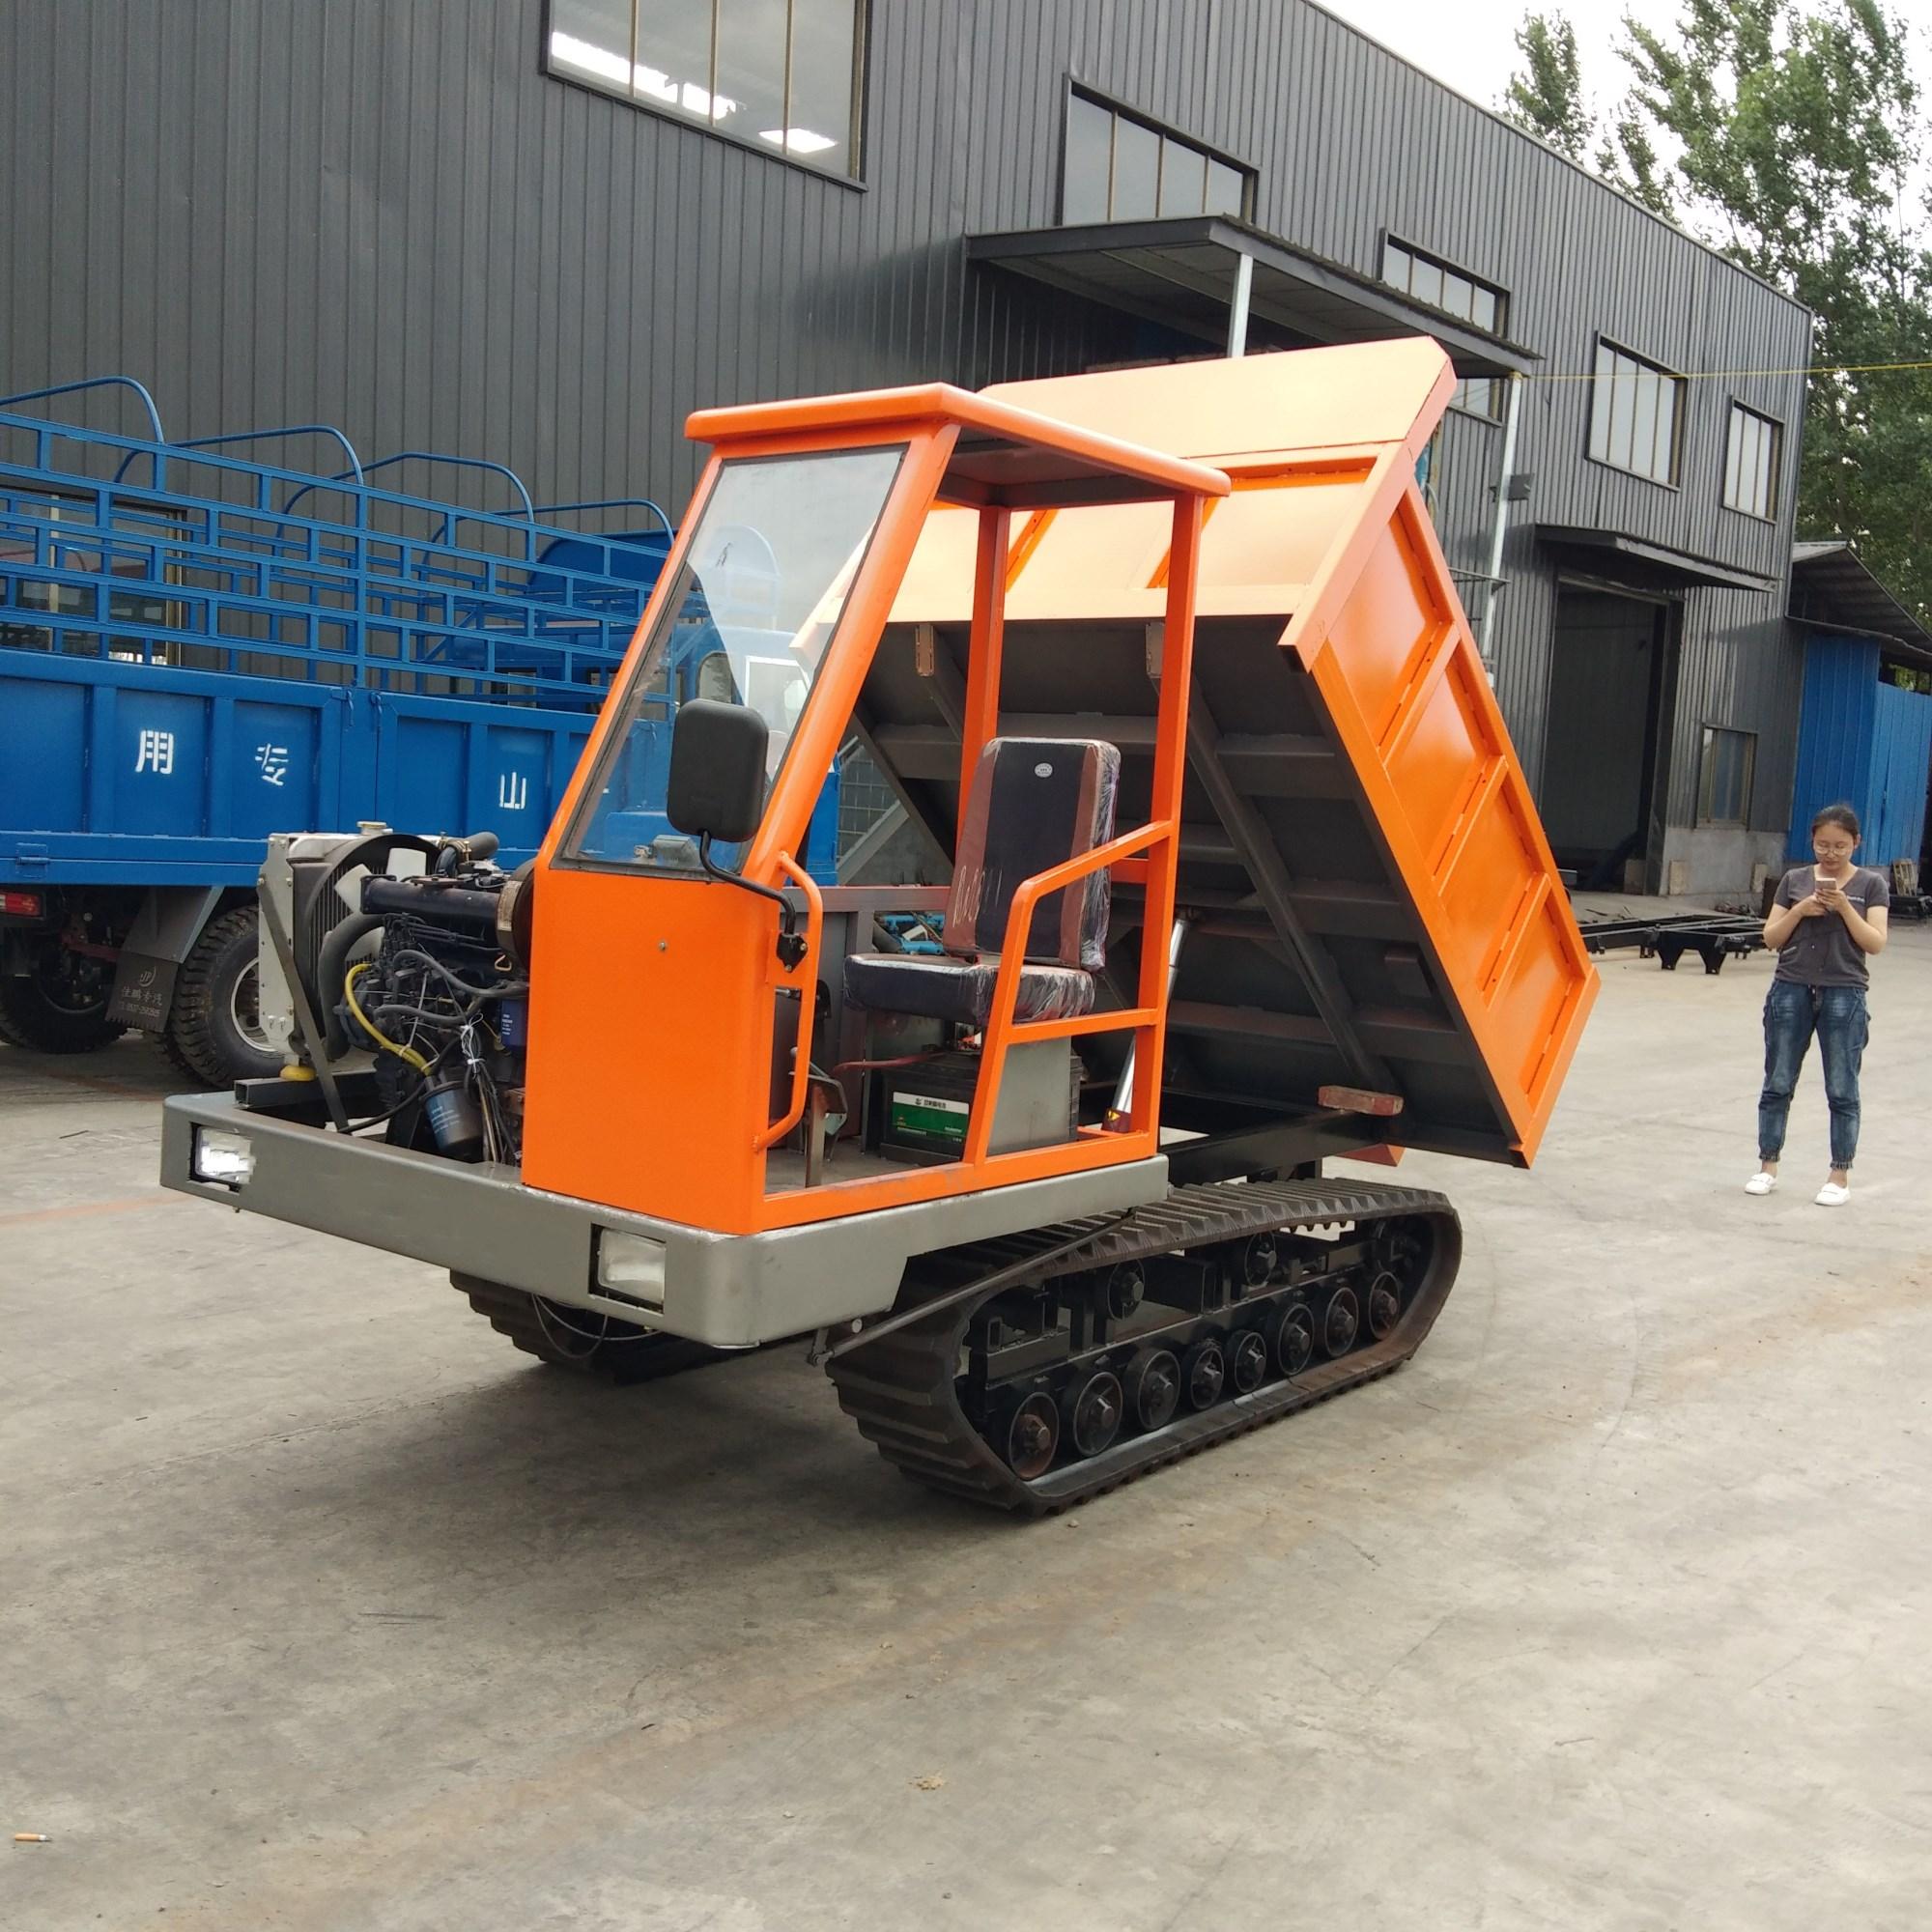 小型履带运输车全地形多功能自卸履带运输车